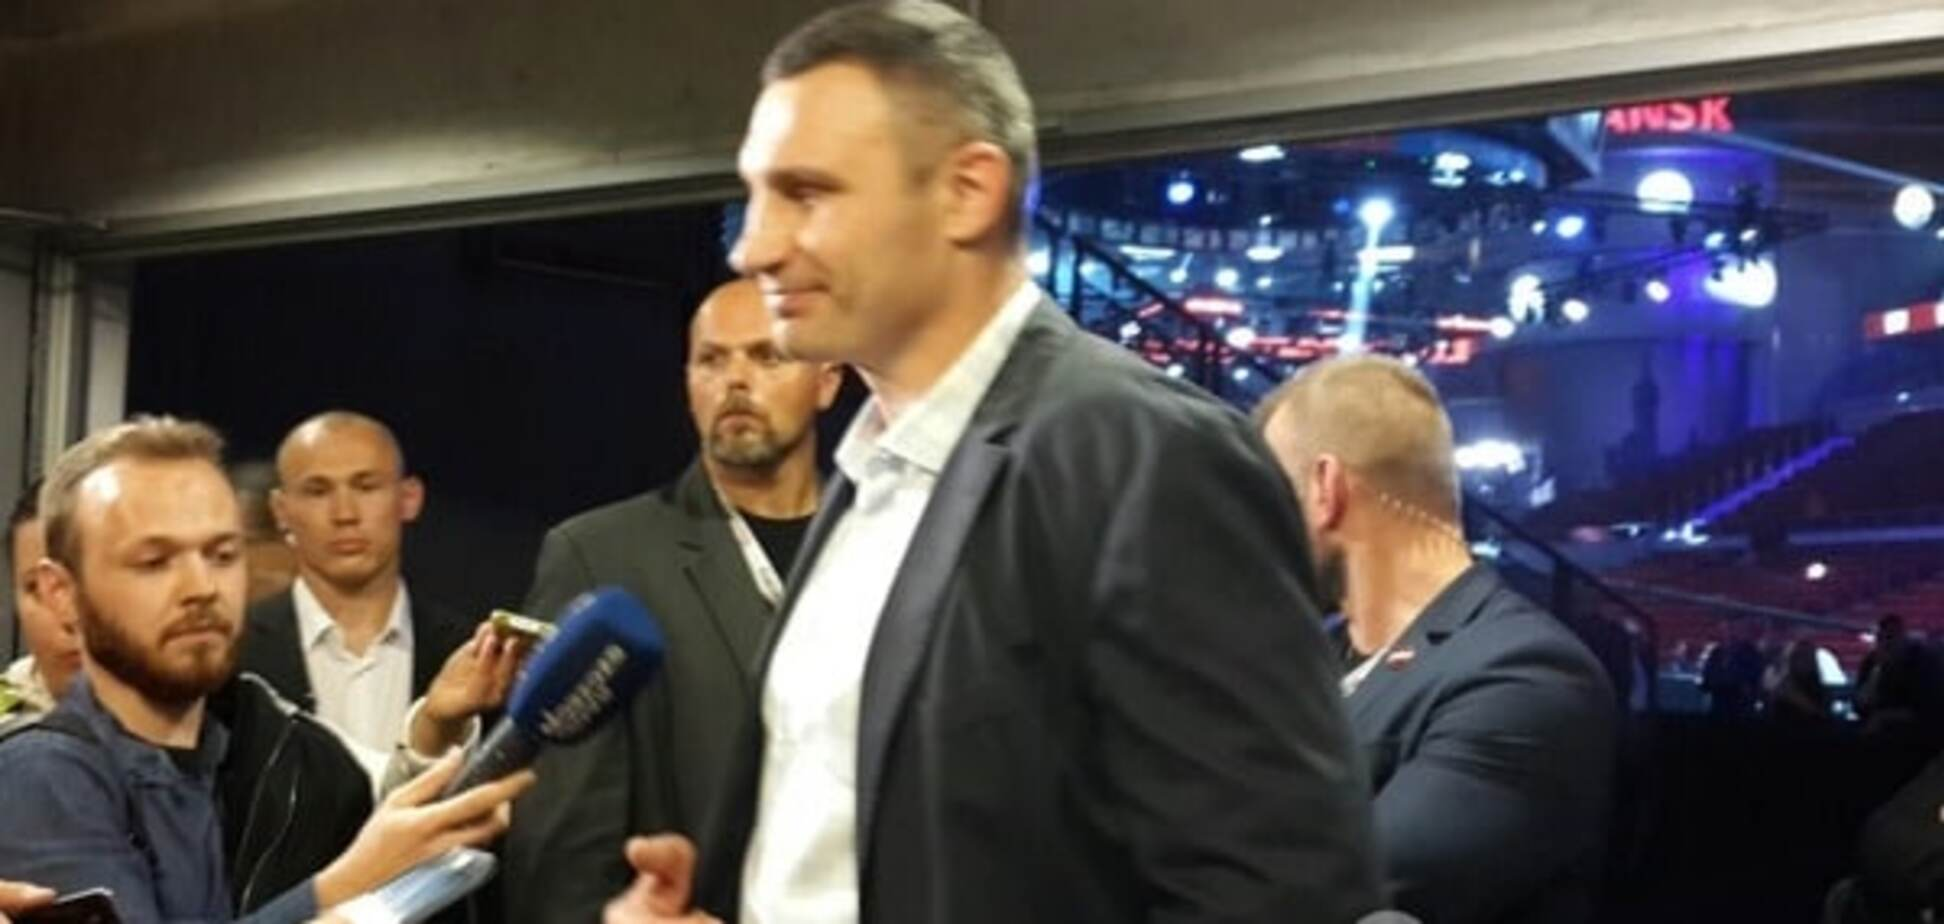 'Стать звездой': Кличко поздравил Усика с чемпионским поясом